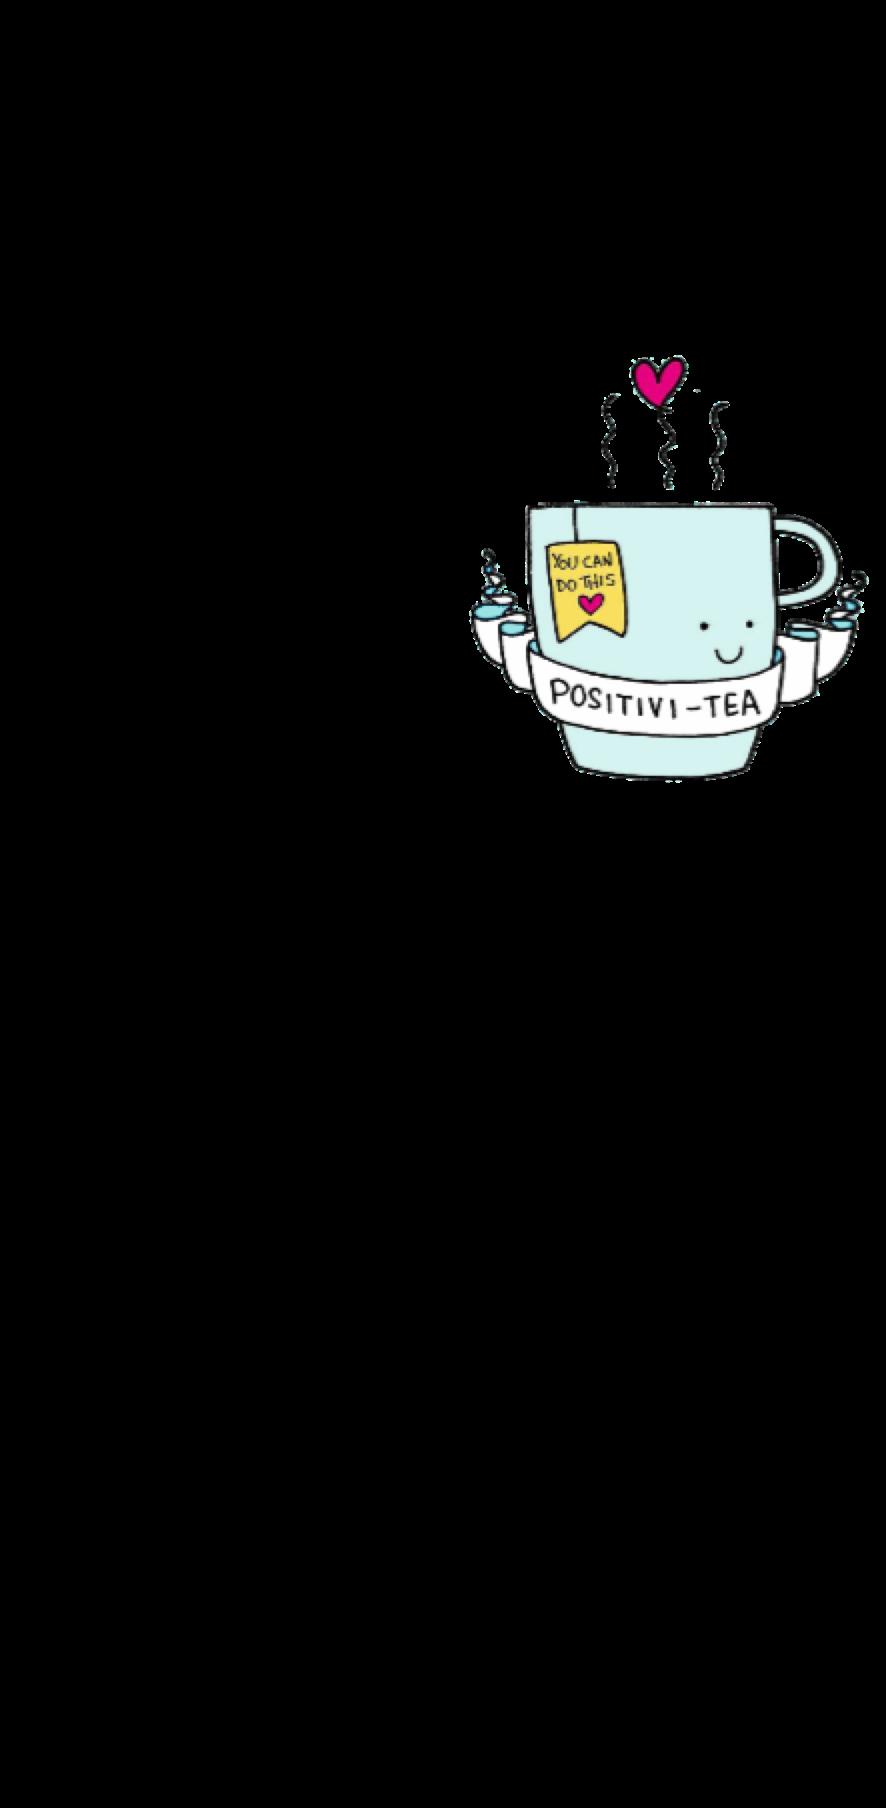 cover positivi-tea ??